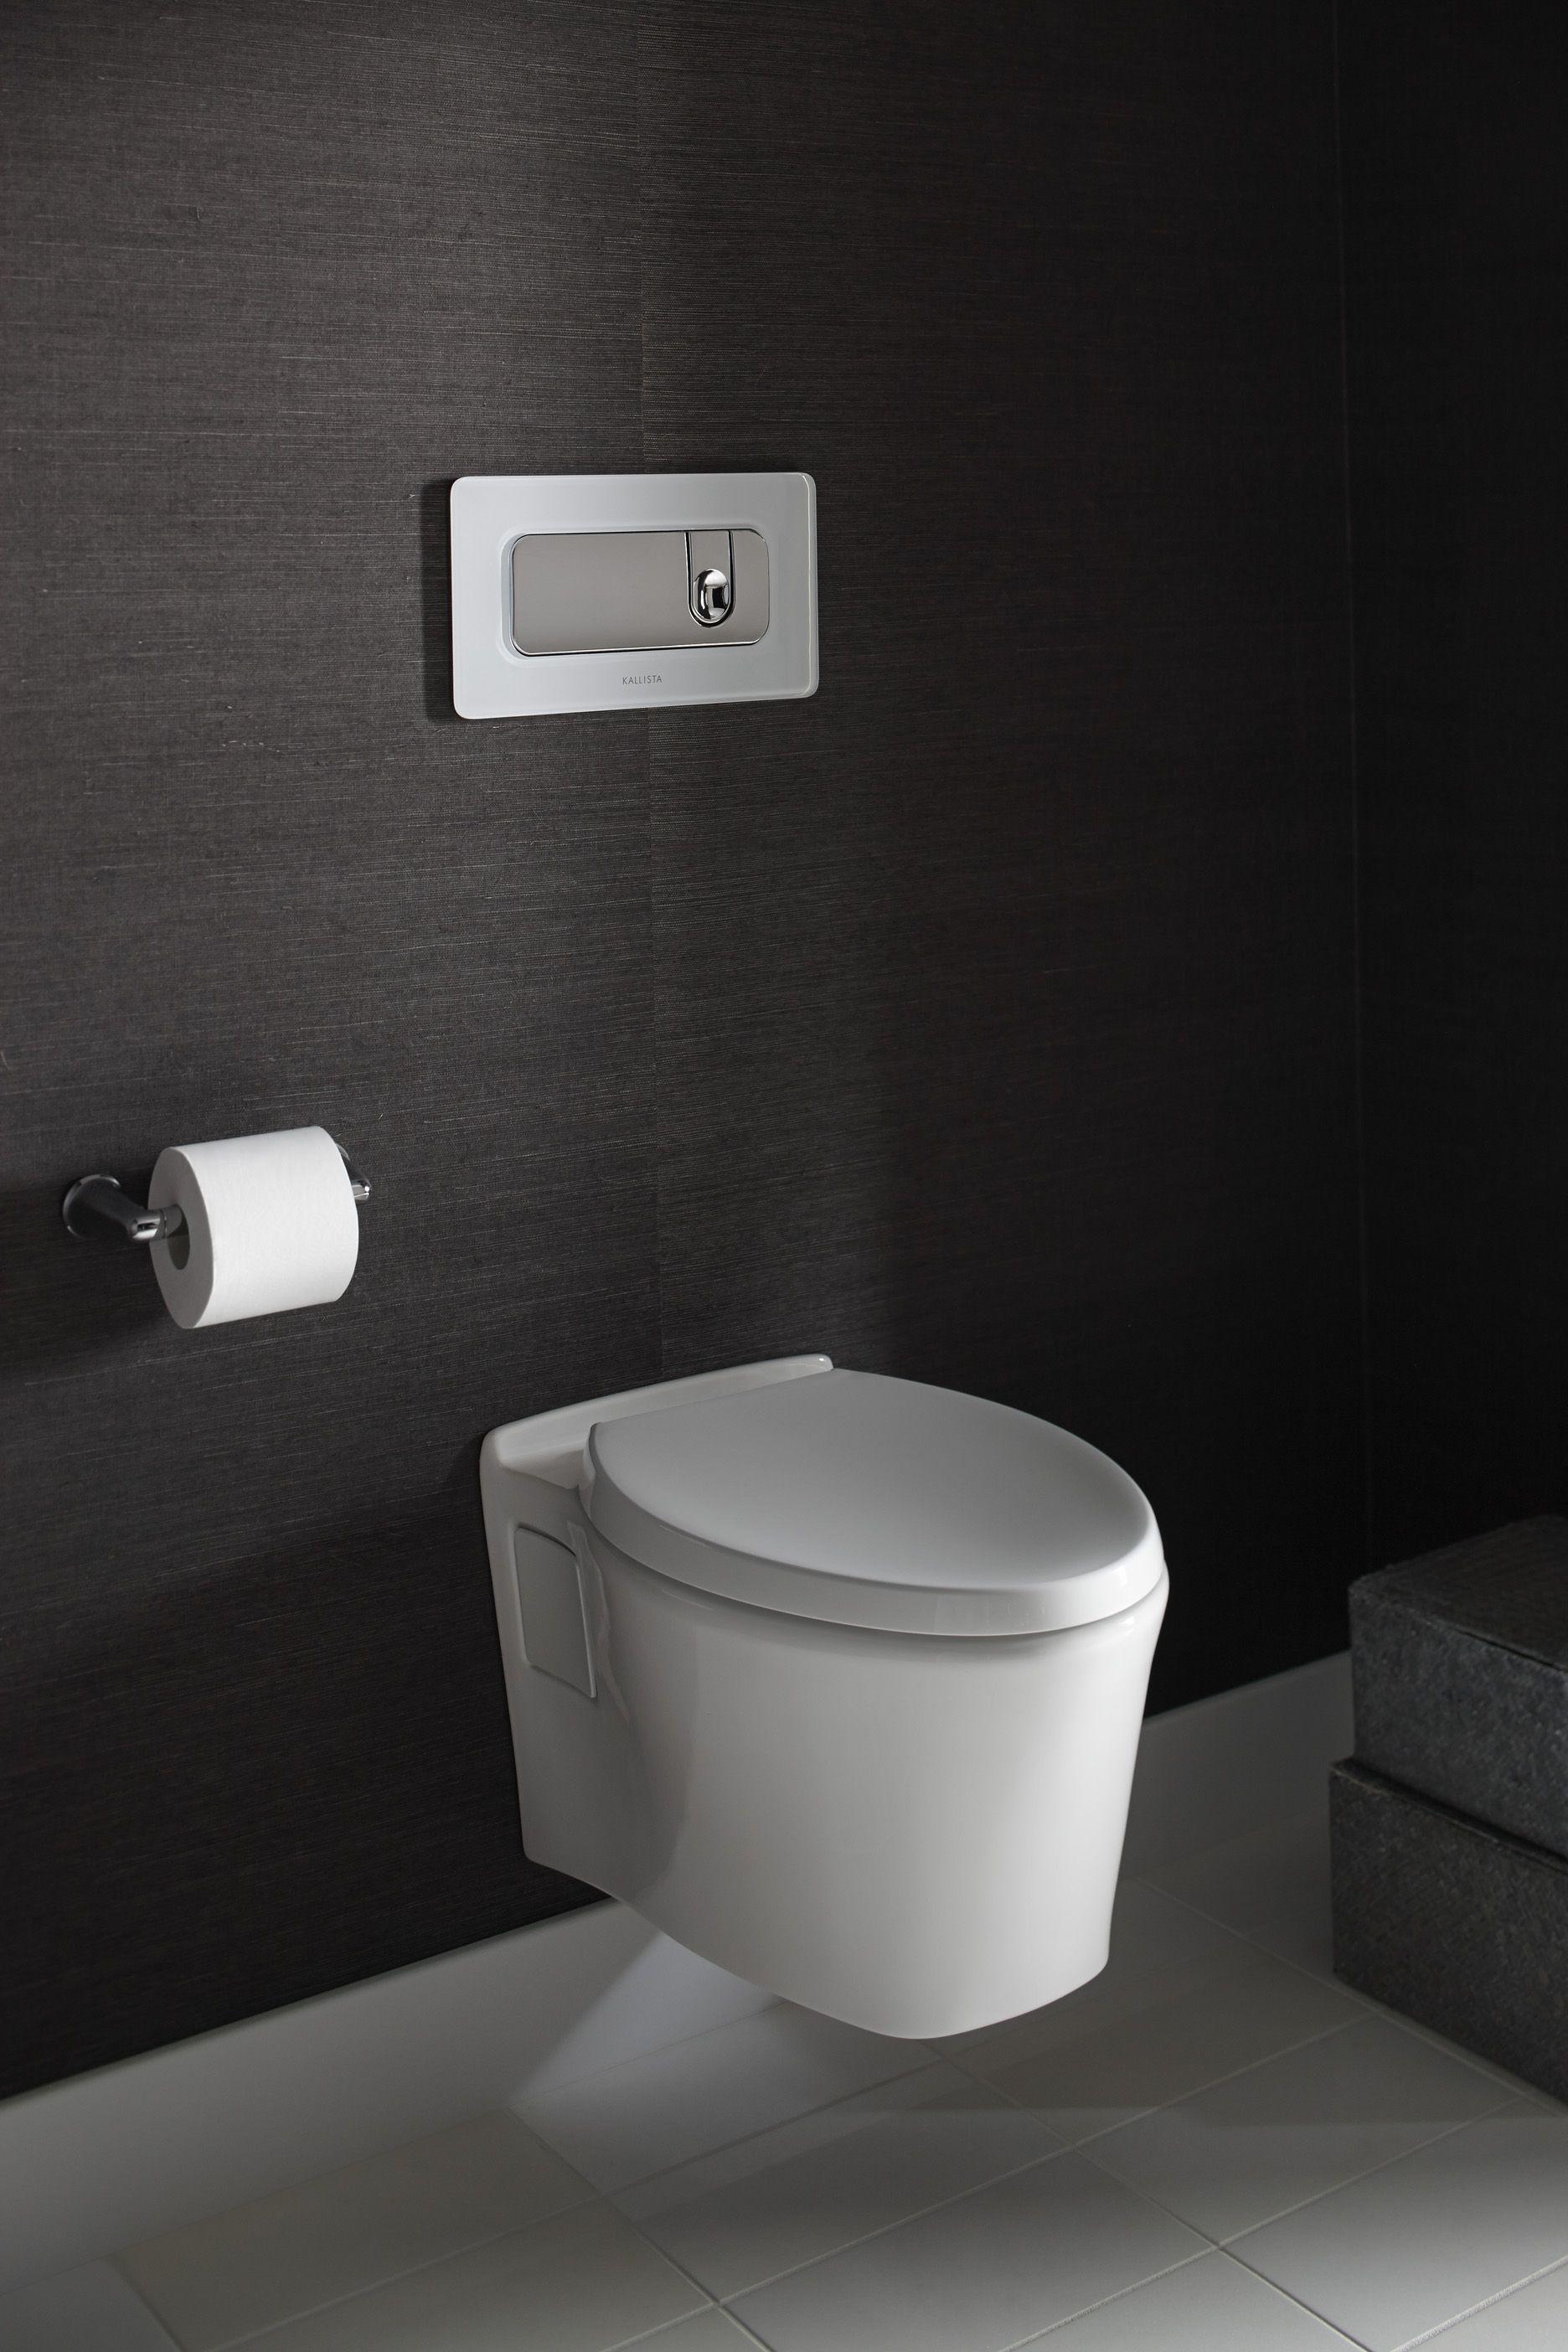 Pleo Wall Mount Toilet By Kallista Sleek And Seamless Bowl